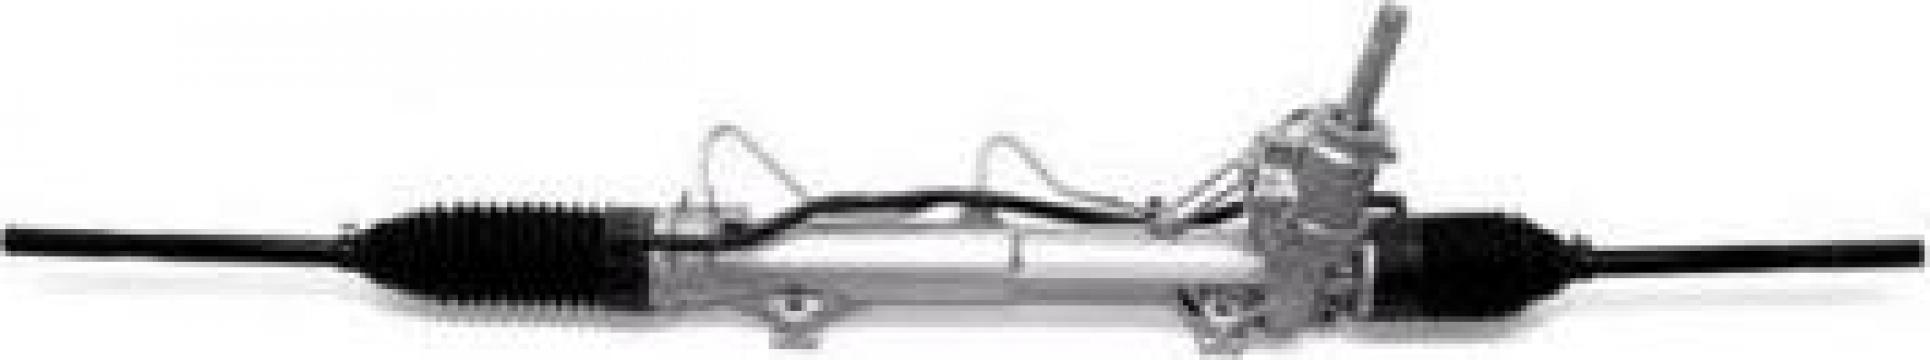 Caseta Directie (Servodirectie) Peugeot 206 de la Medes Import Export Srl